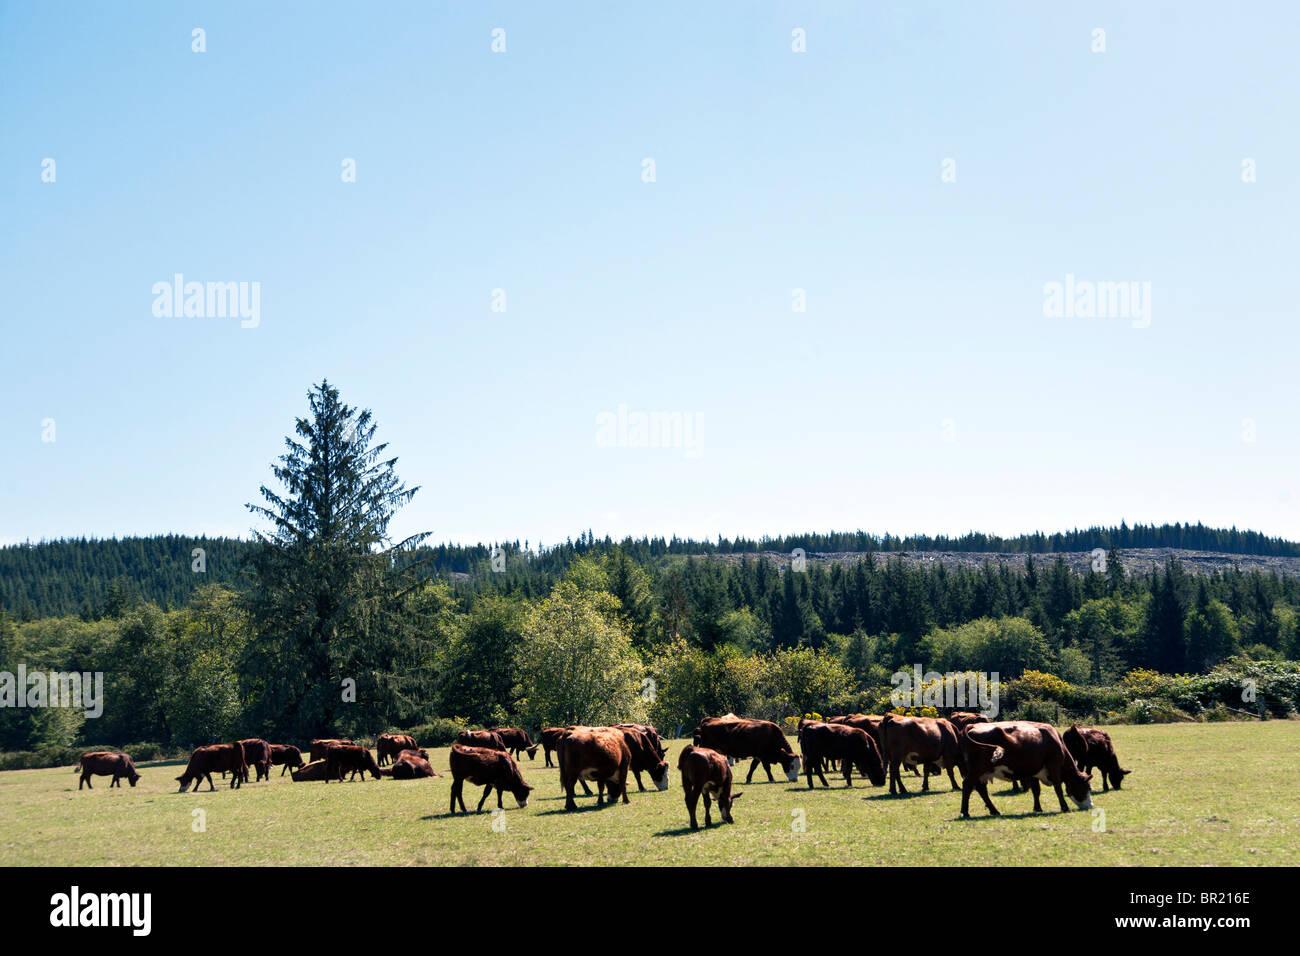 Herde von Braun Hereford Milch-Kühe friedlich weidenden saftigen grüne Wiese mit klaren Schnittholz sichtbar Stockbild